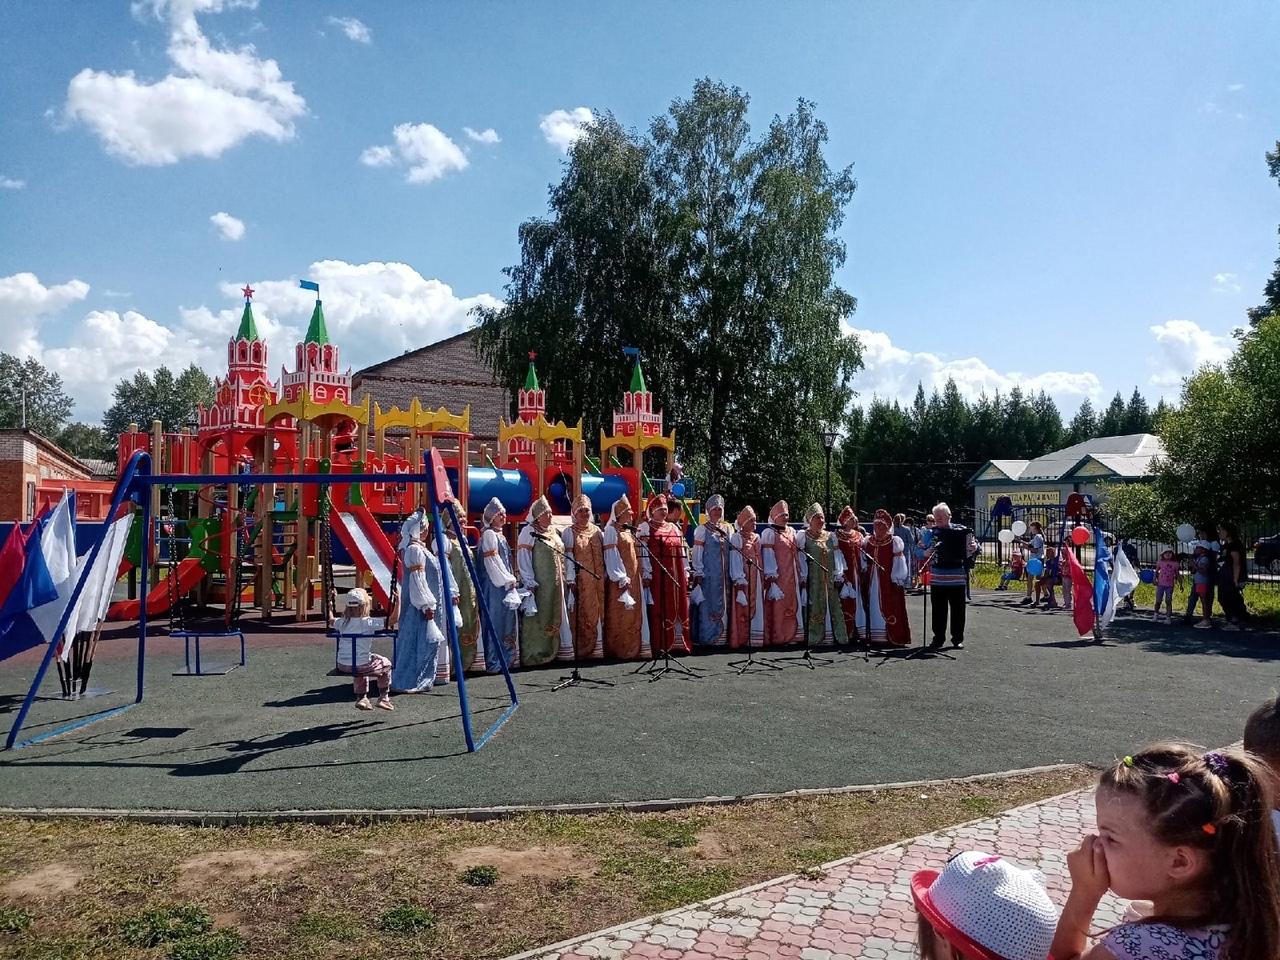 12 июня в парке, по ул.Ленина 15, состоялся праздничный концерт, посвященный Дню независимости России